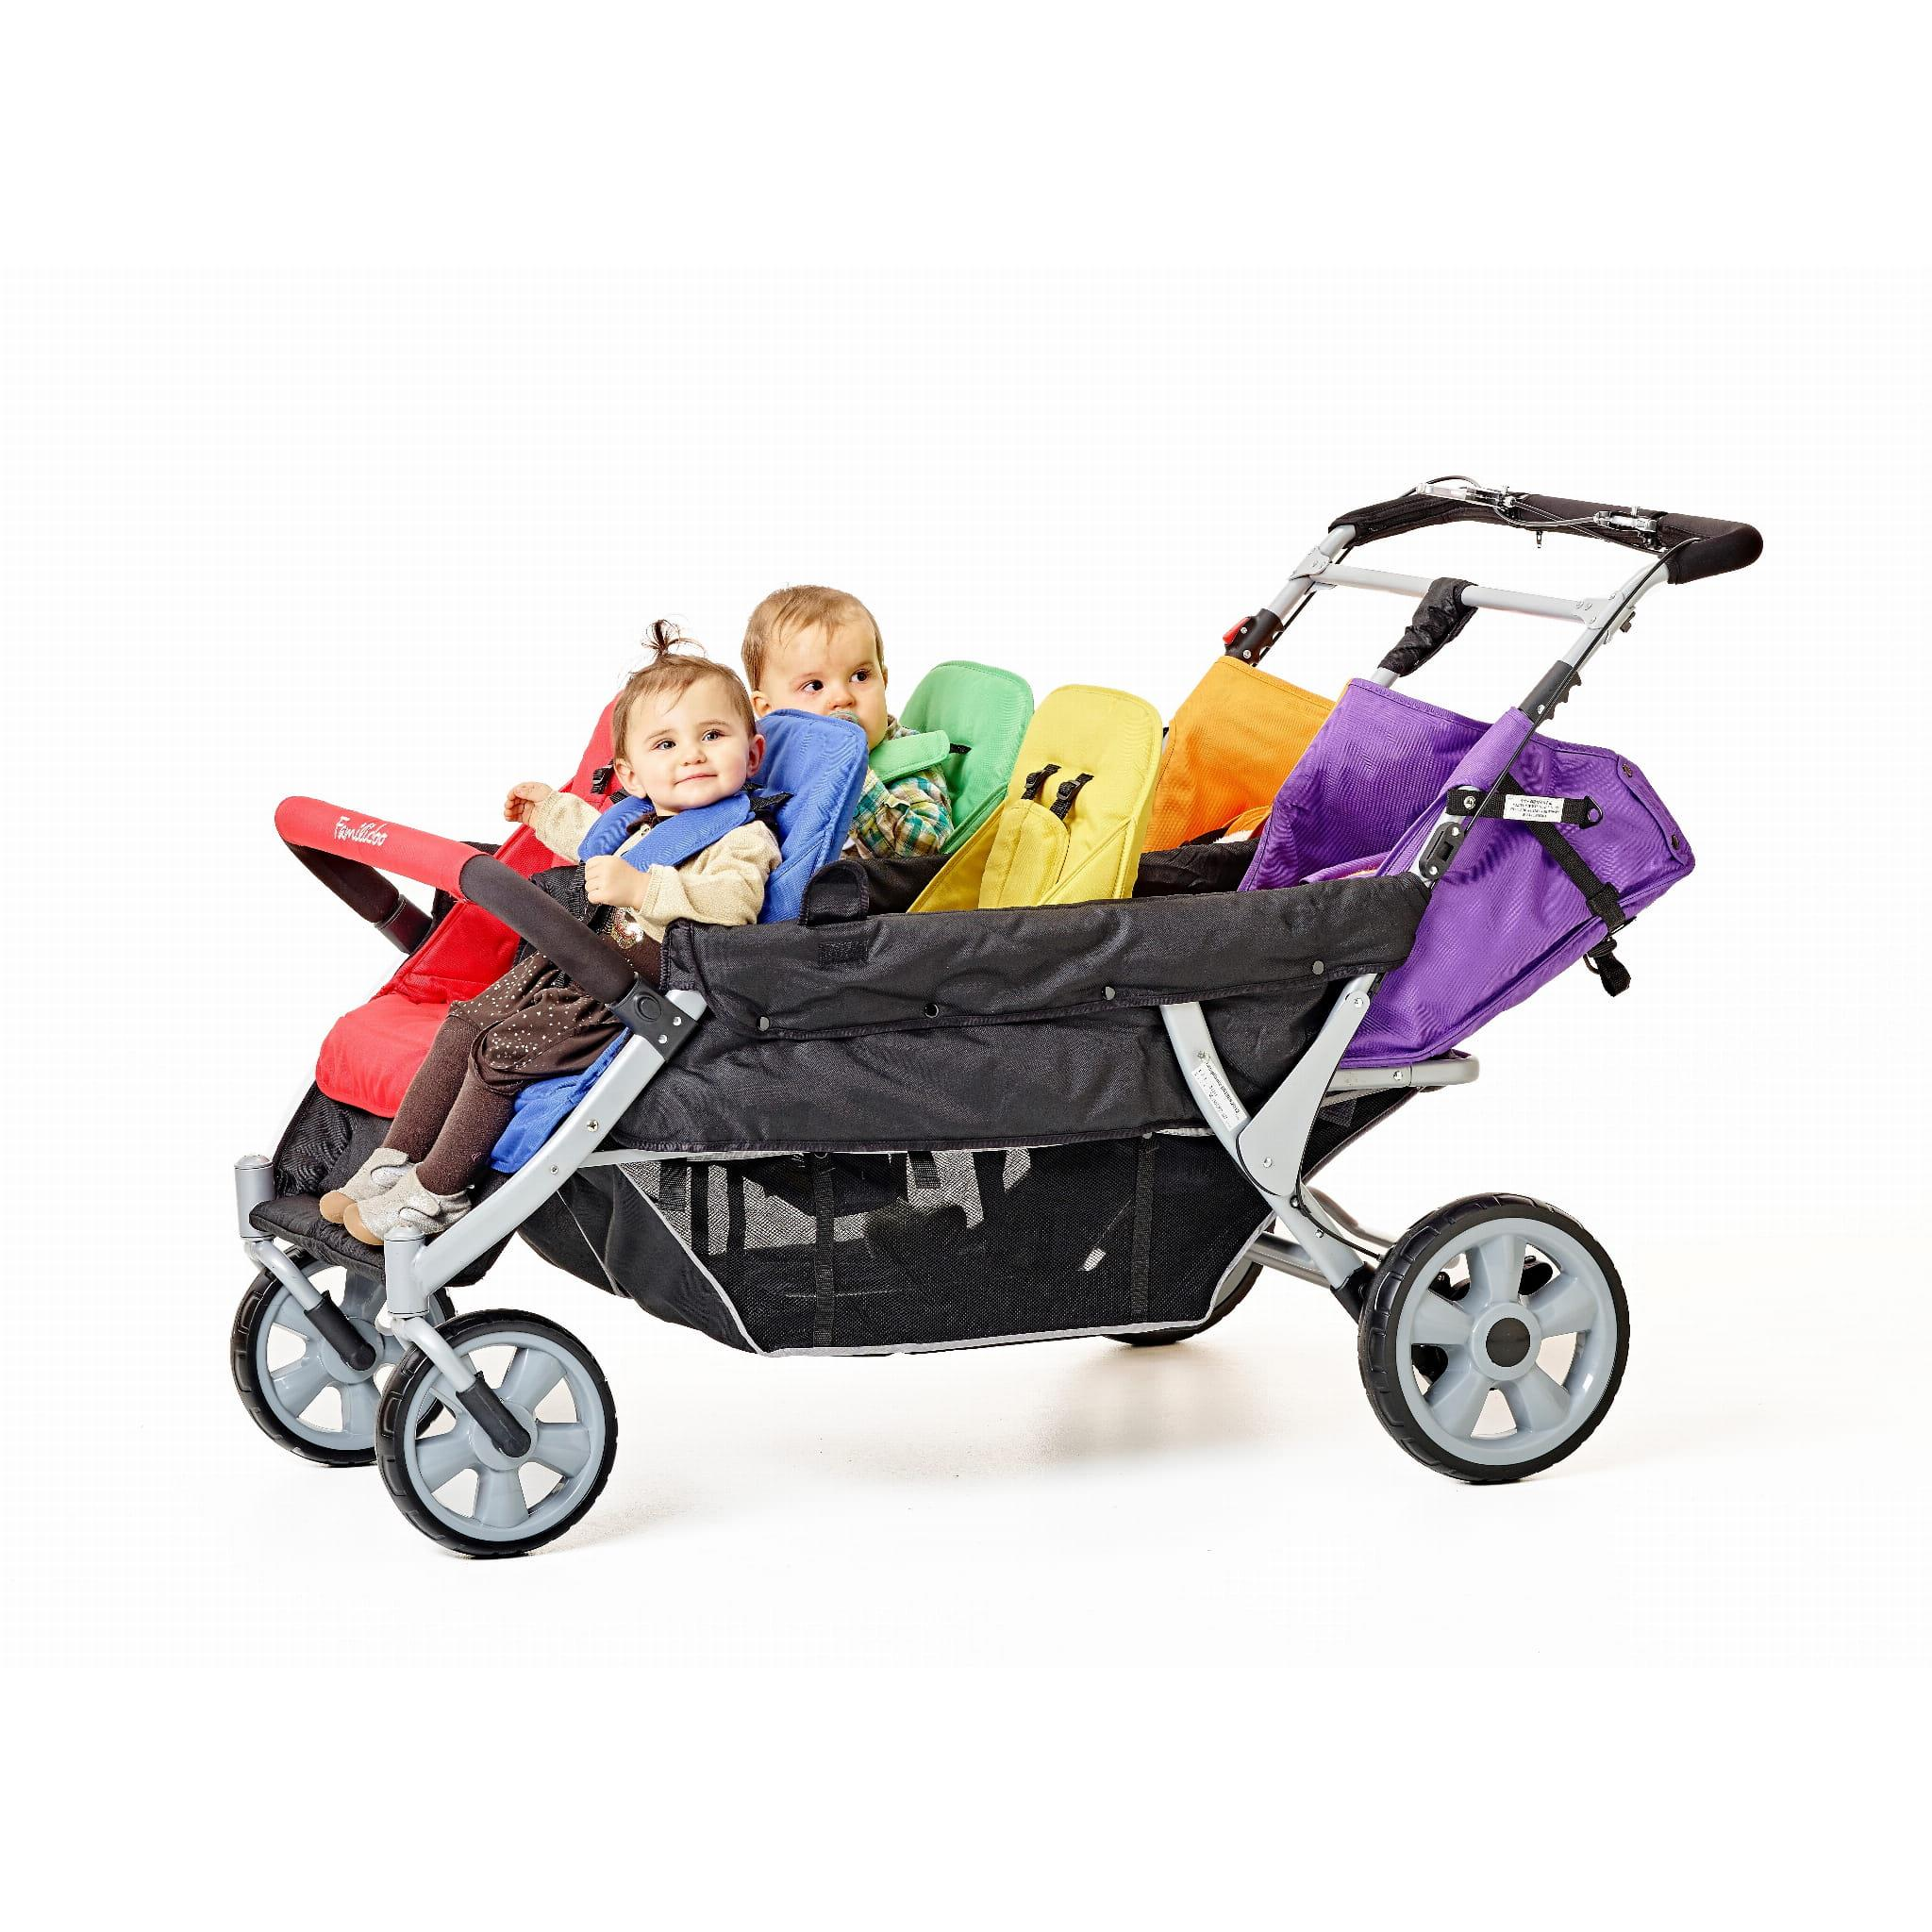 FAMILIDOO LIDOO BUS BB 6-Osobowy Wózek Spacerowy dla Żłobka